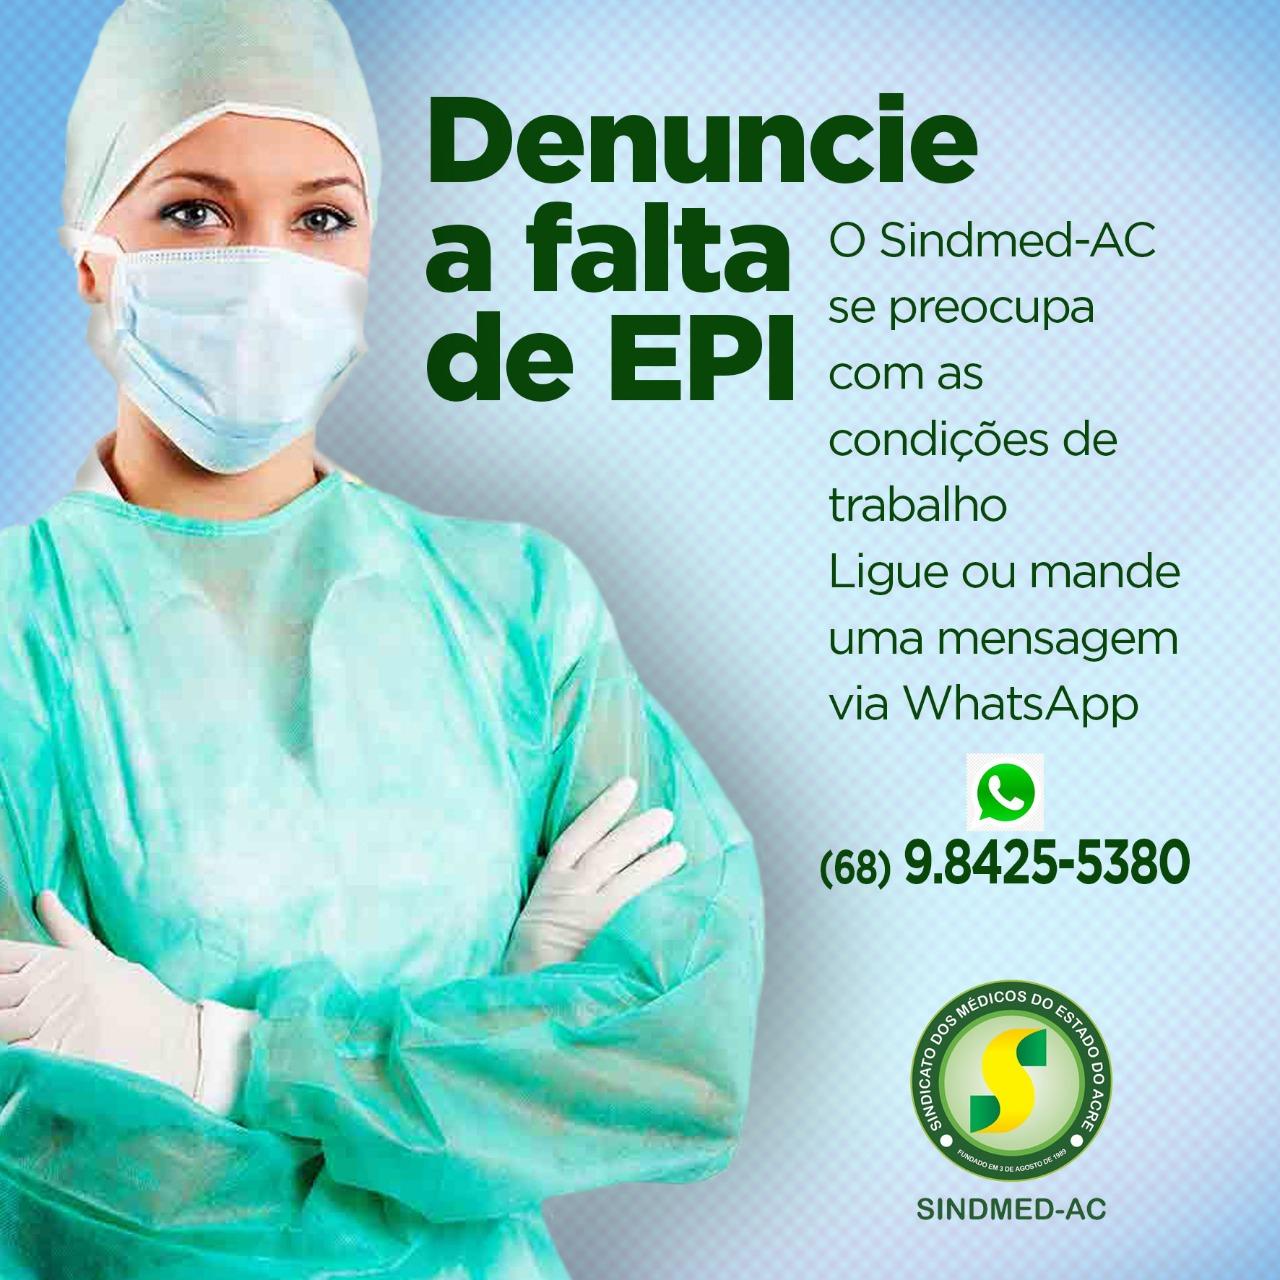 Sindmed-AC lança disque denúncia pela falta de EPI